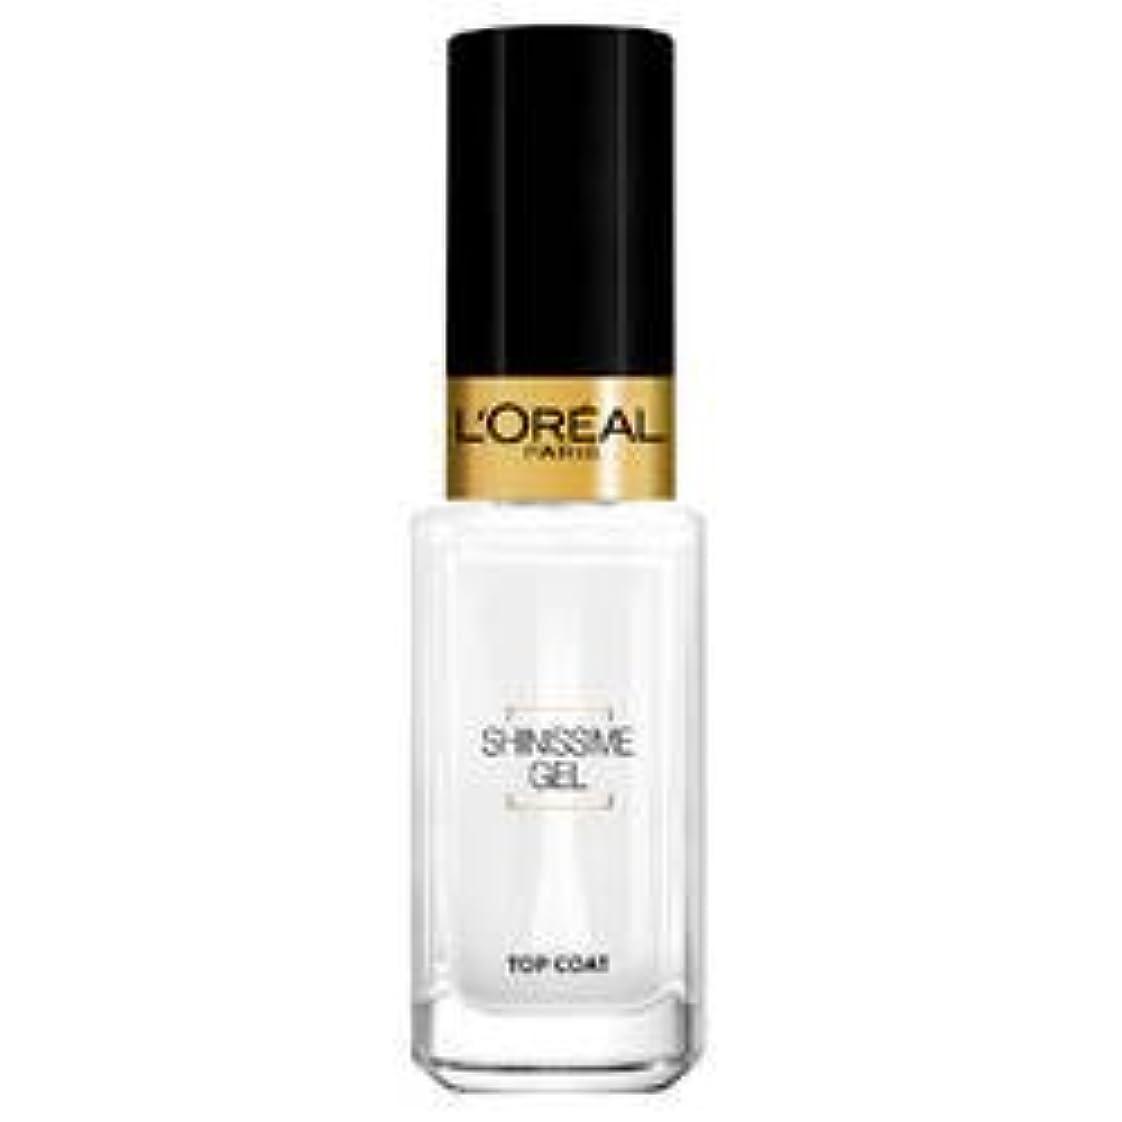 軽蔑するエゴイズム矩形L'Oréal Paris La Manucure - Le Top Coat - Shinissime Gel- (for multi-item order extra postage cost will be reimbursed)